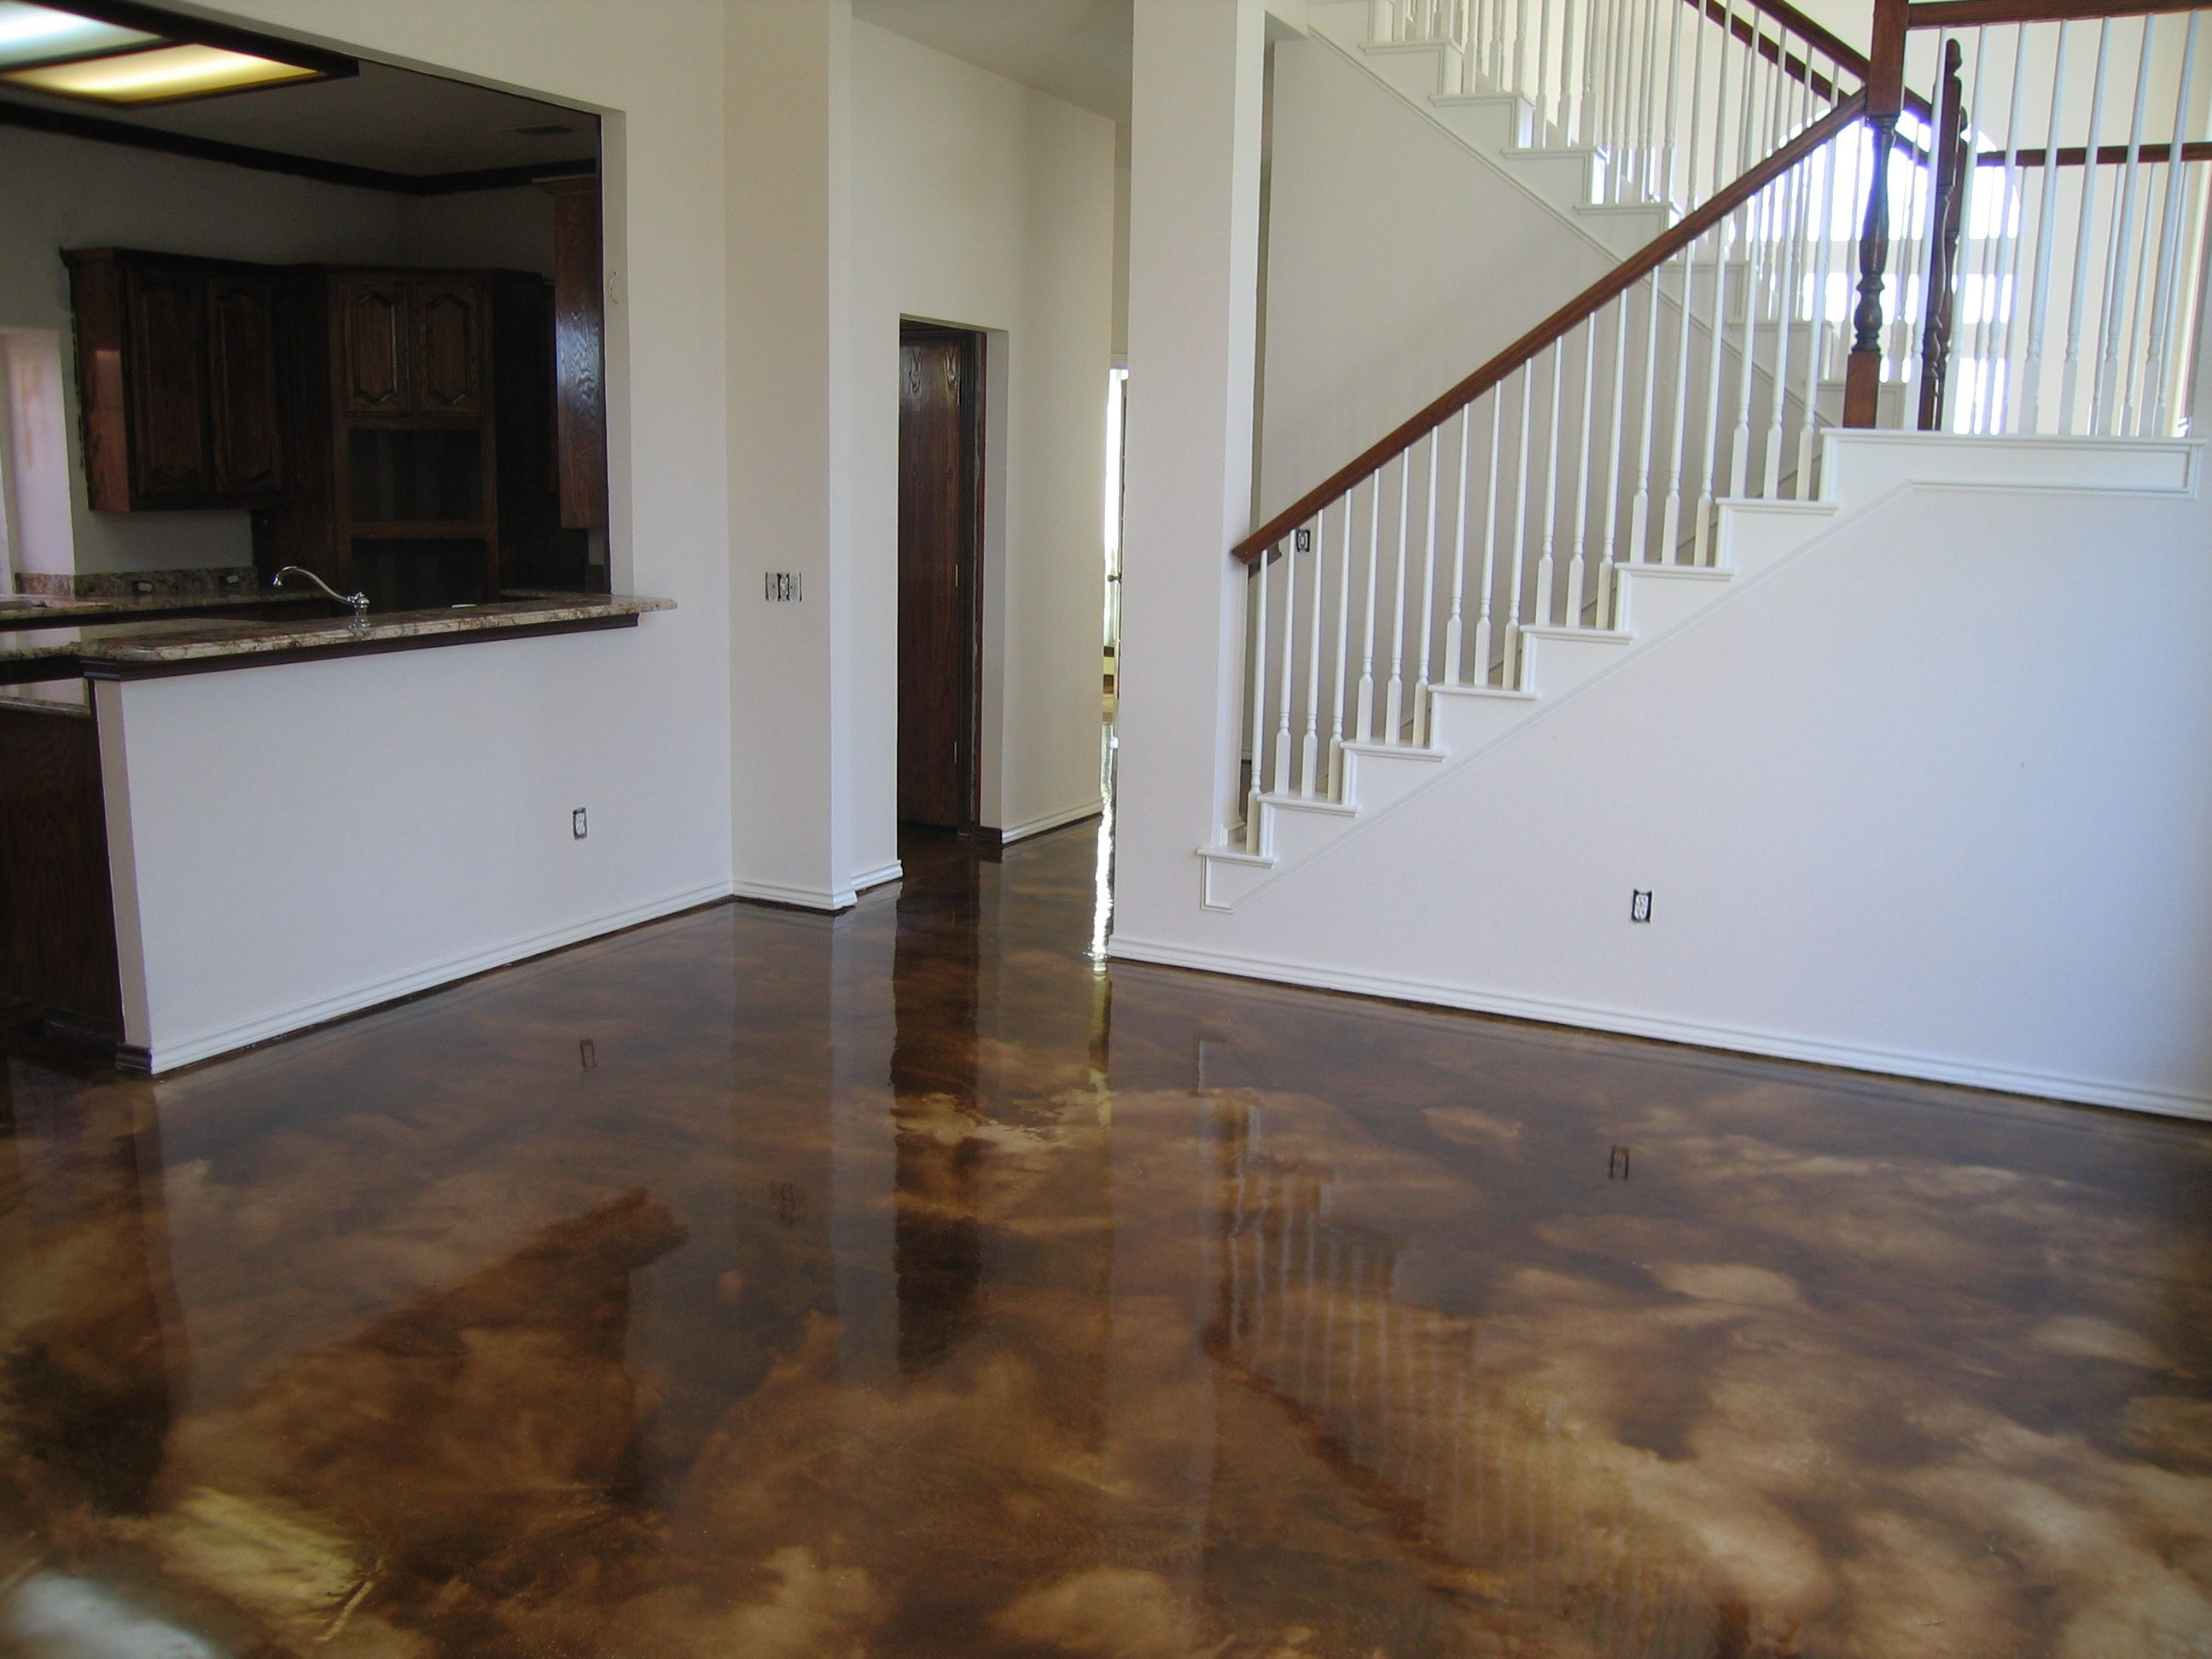 acid concrete stain google search barbie s dream house rh pinterest com